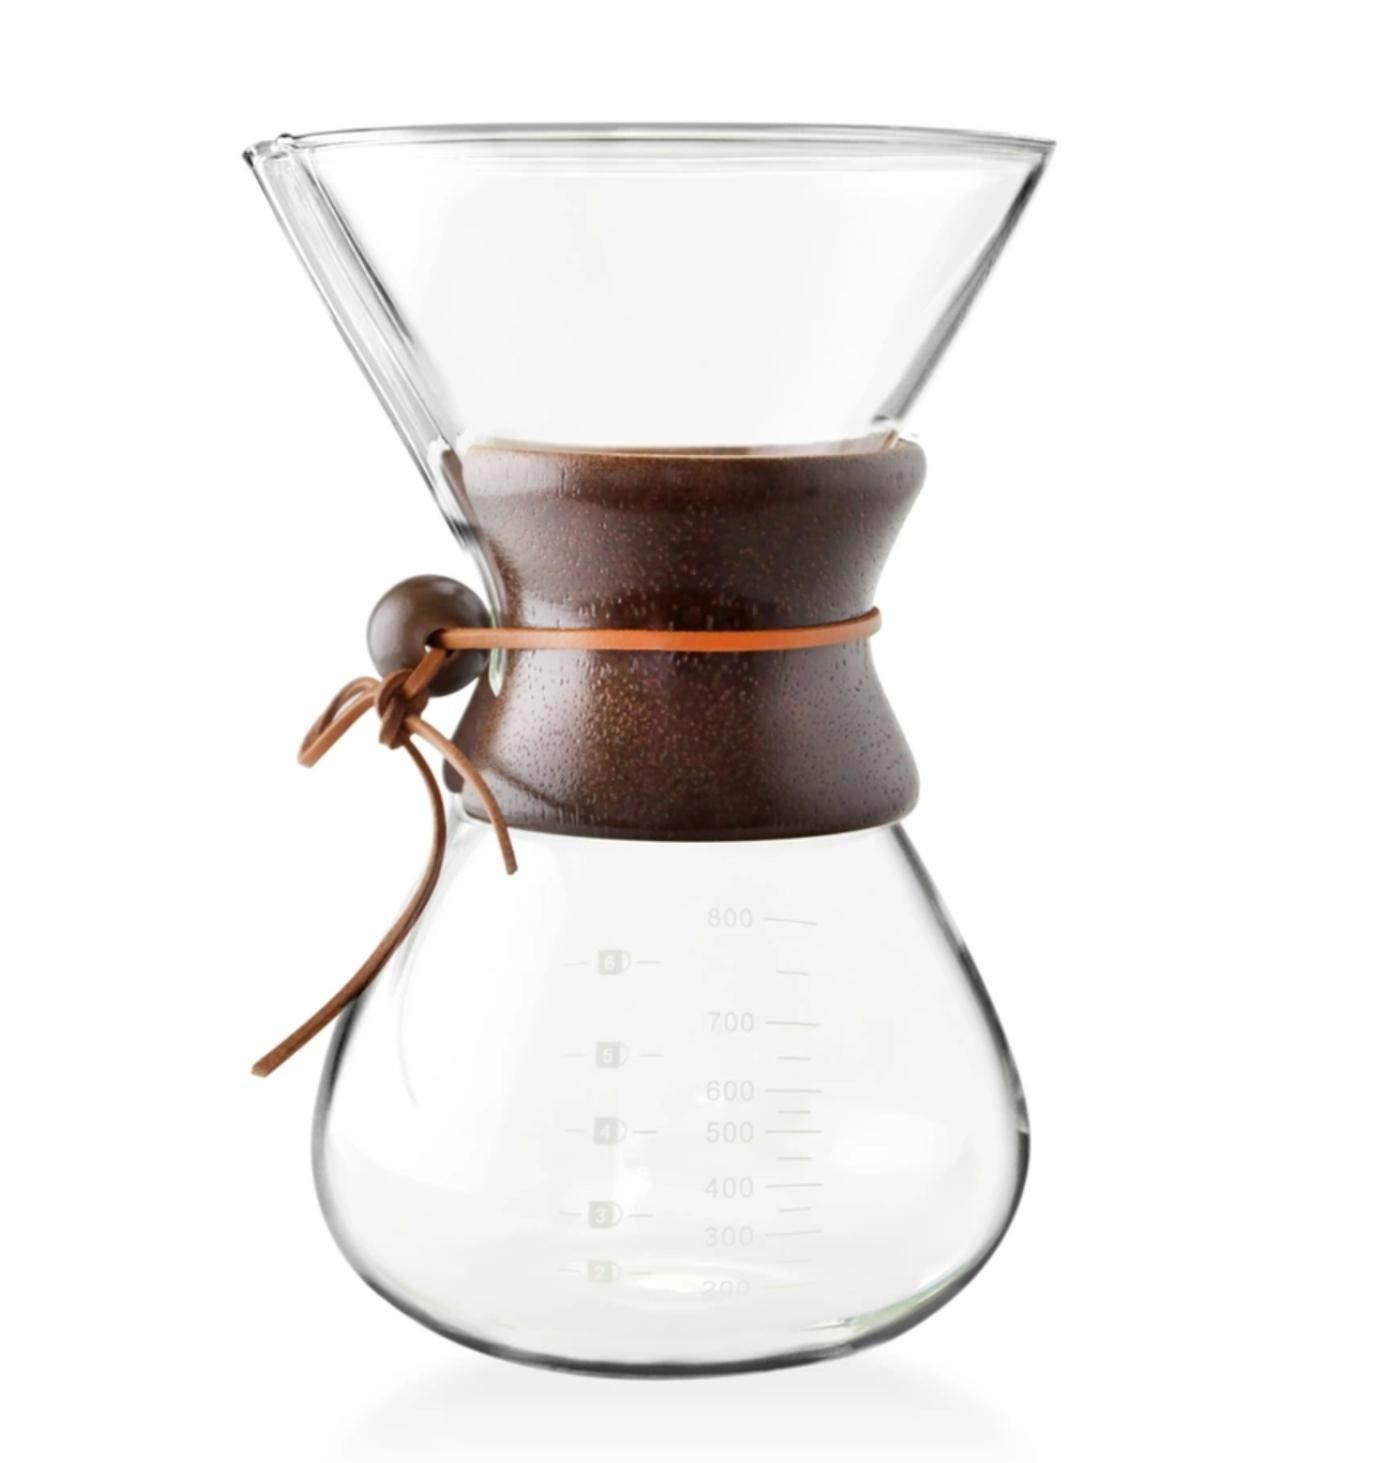 أداة كيمكس (400ml) لتحضير القهوة